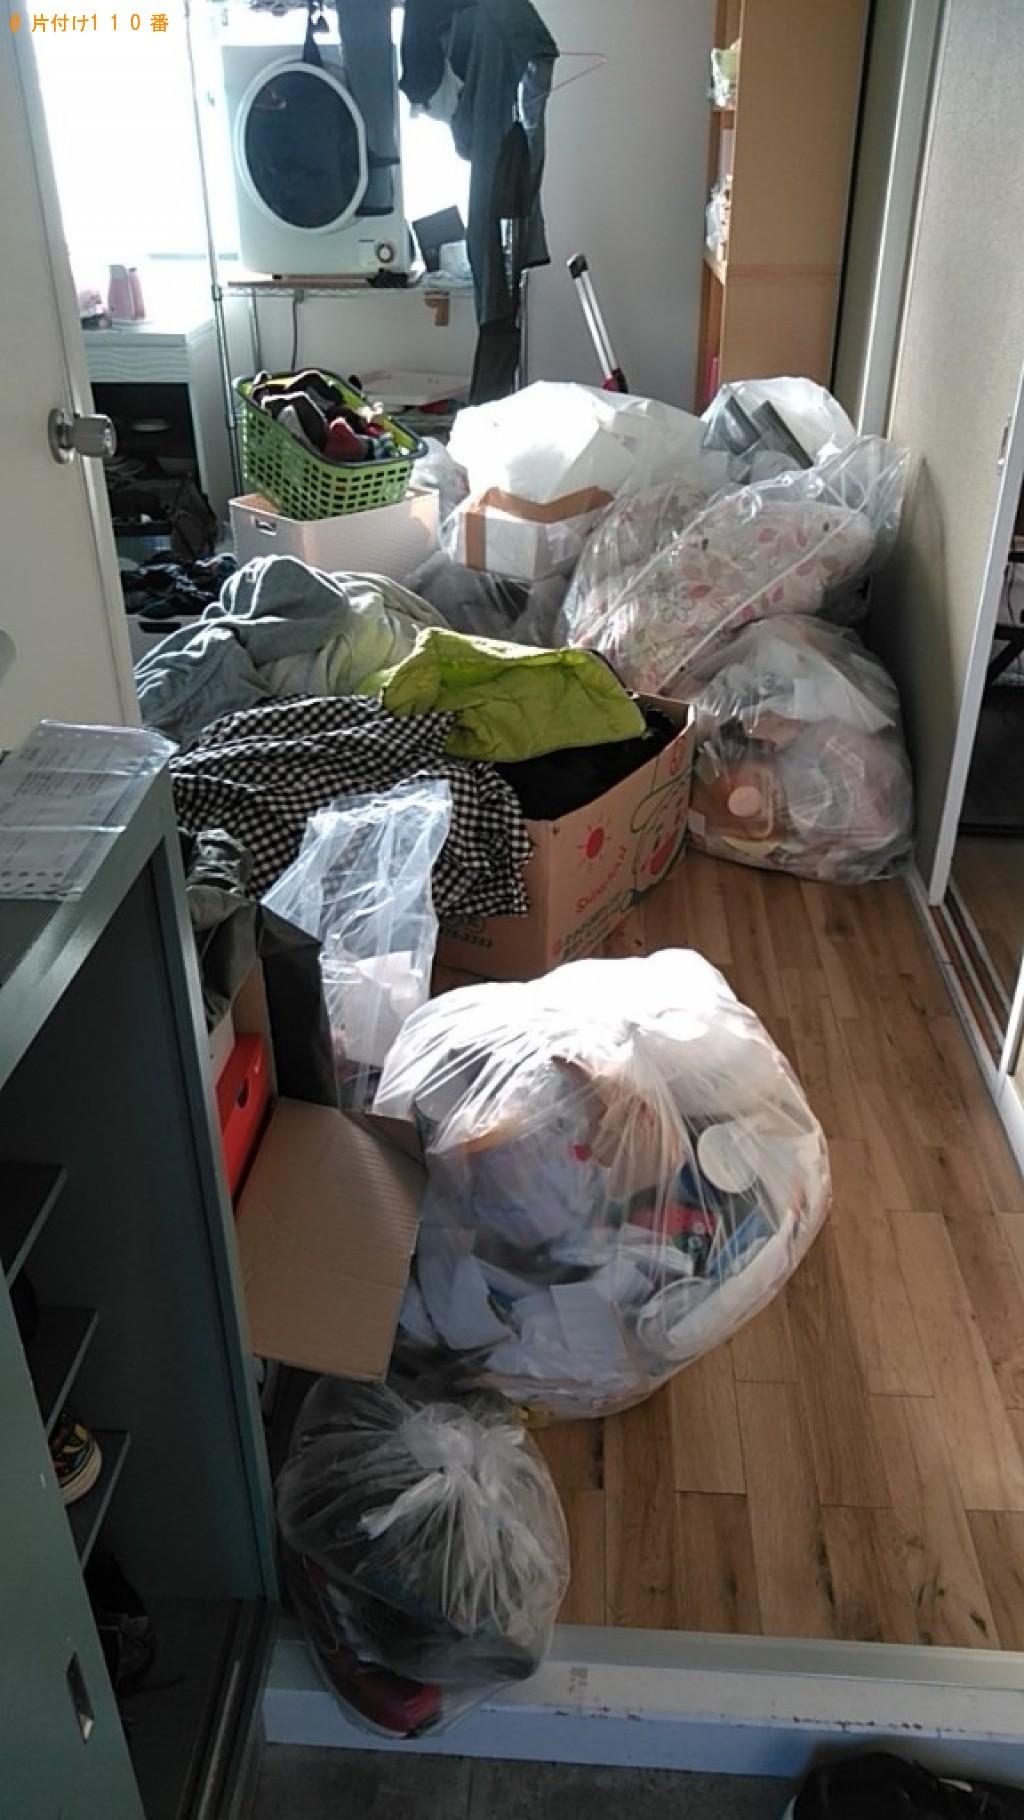 【松山市河原町】一般ごみ、カゴ、布団等の回収・処分ご依頼